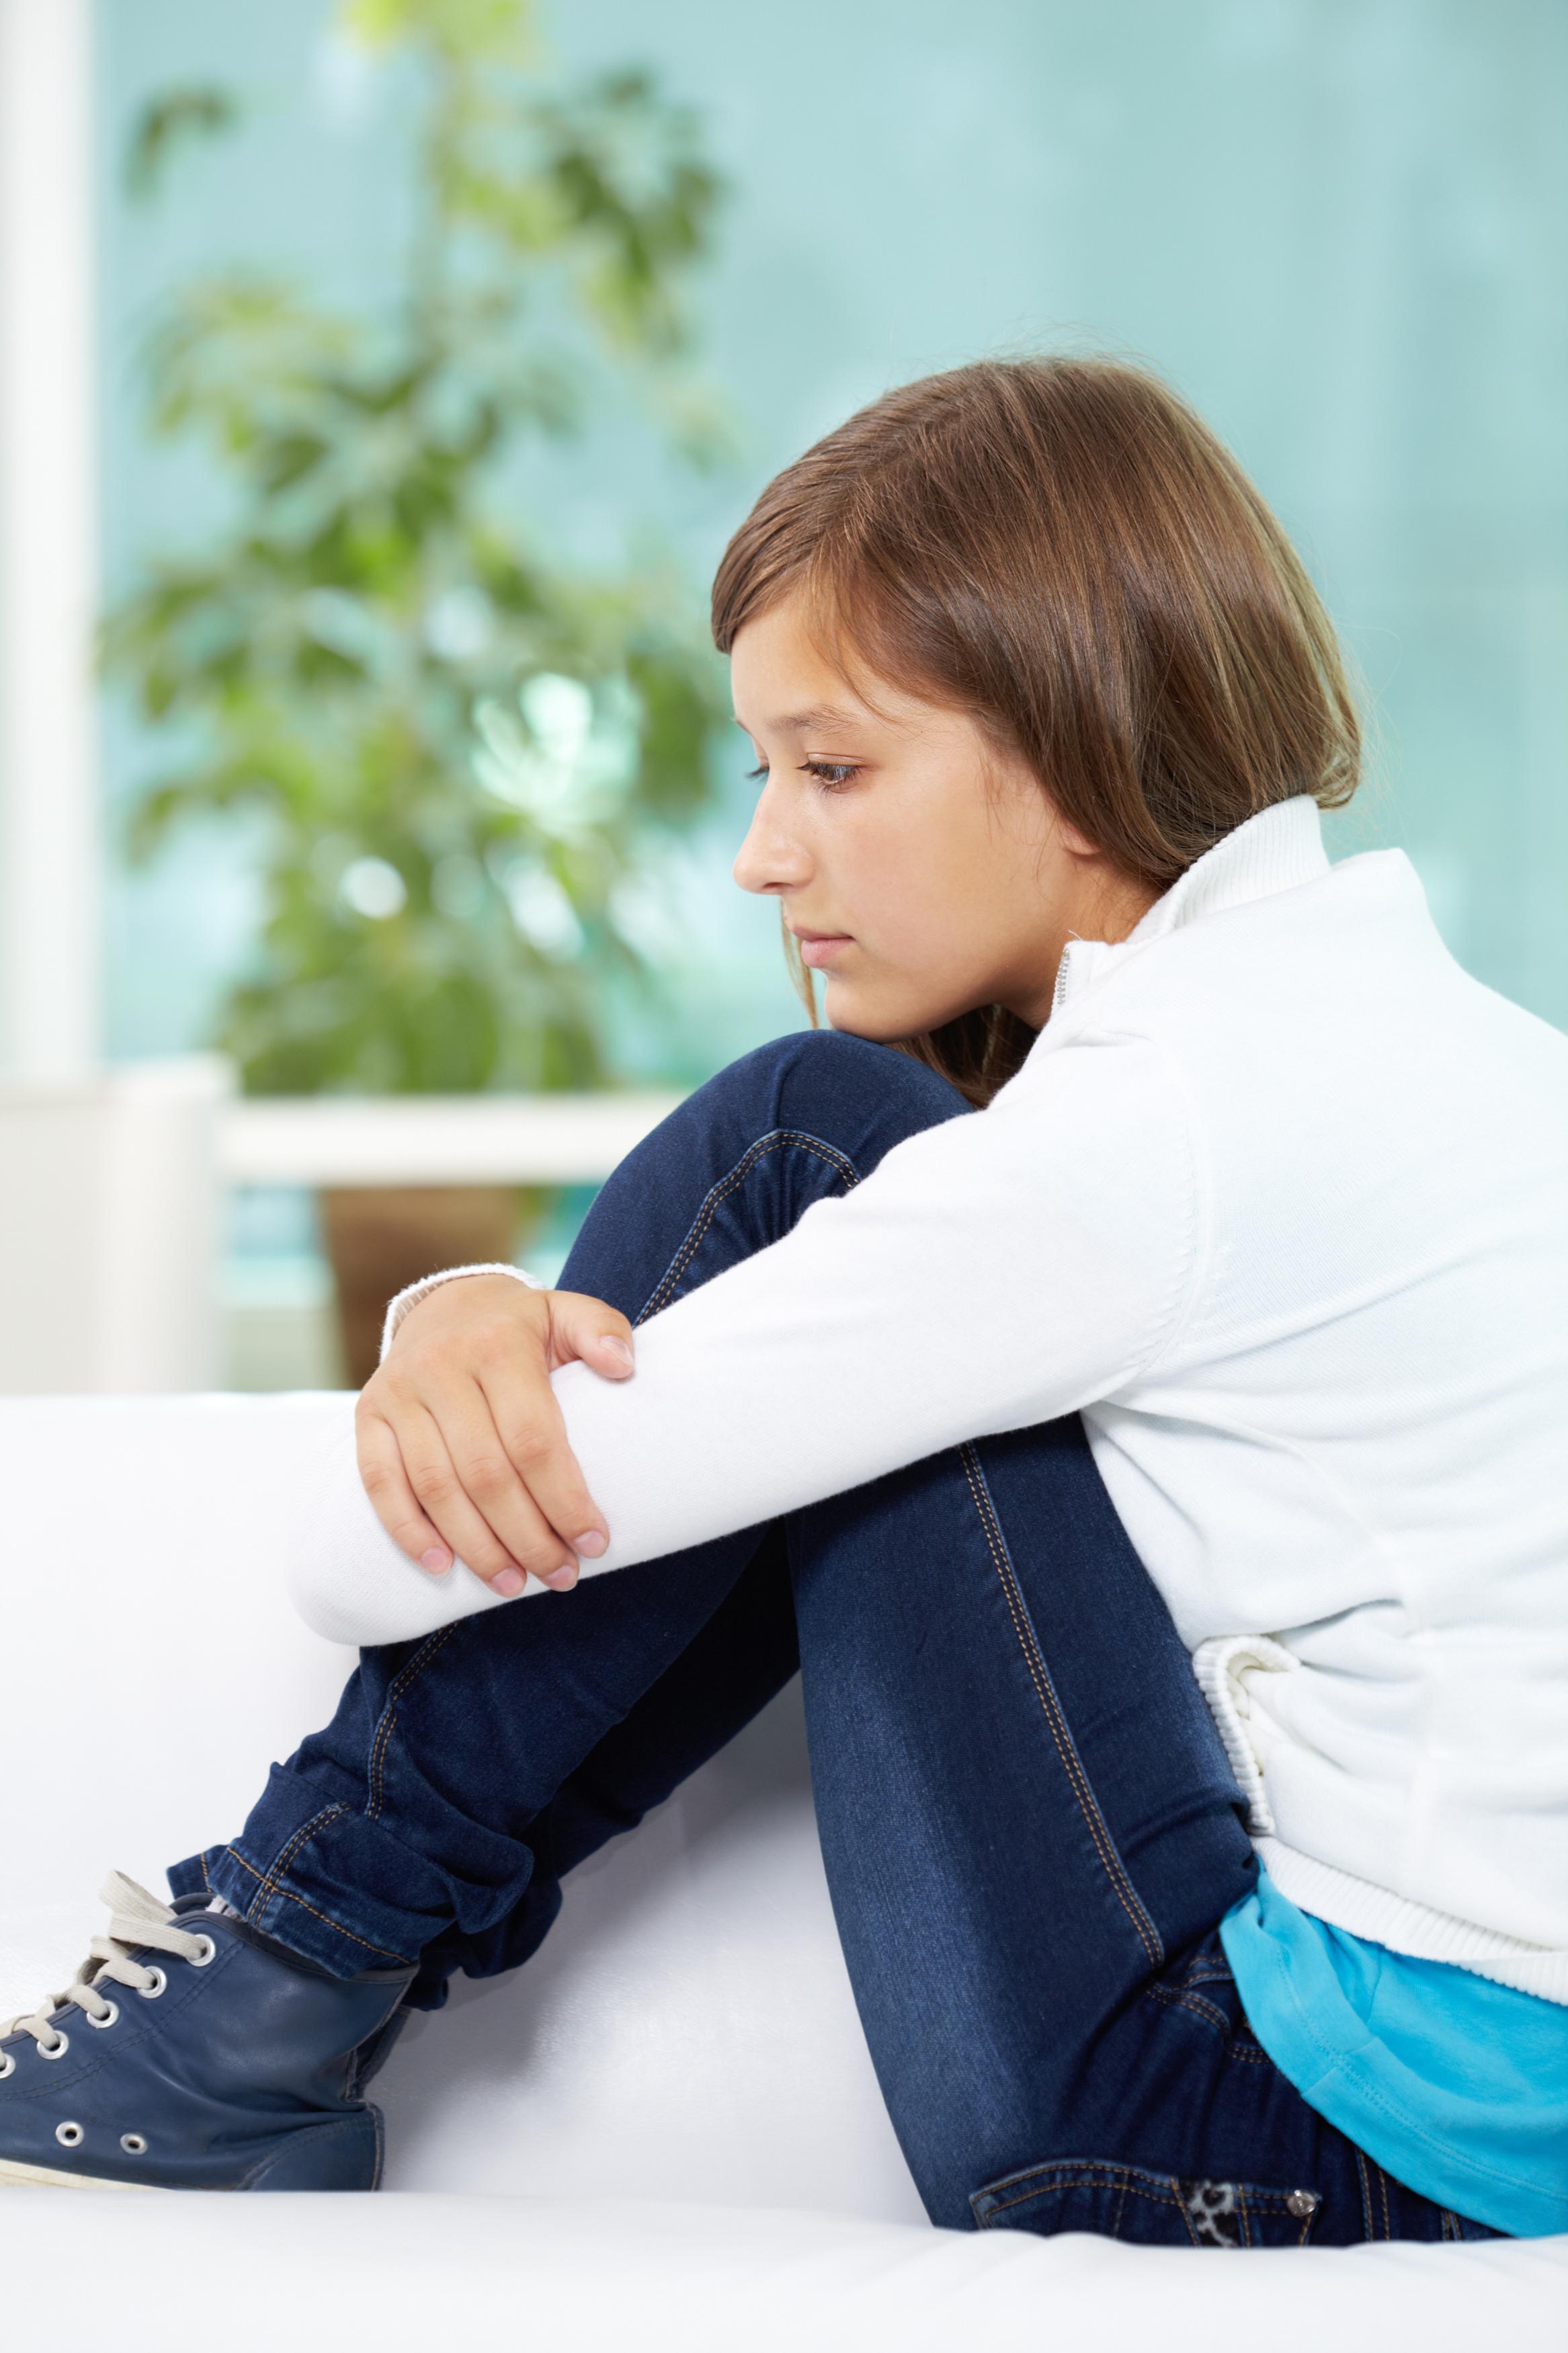 L'inquietudine dell'adolescente